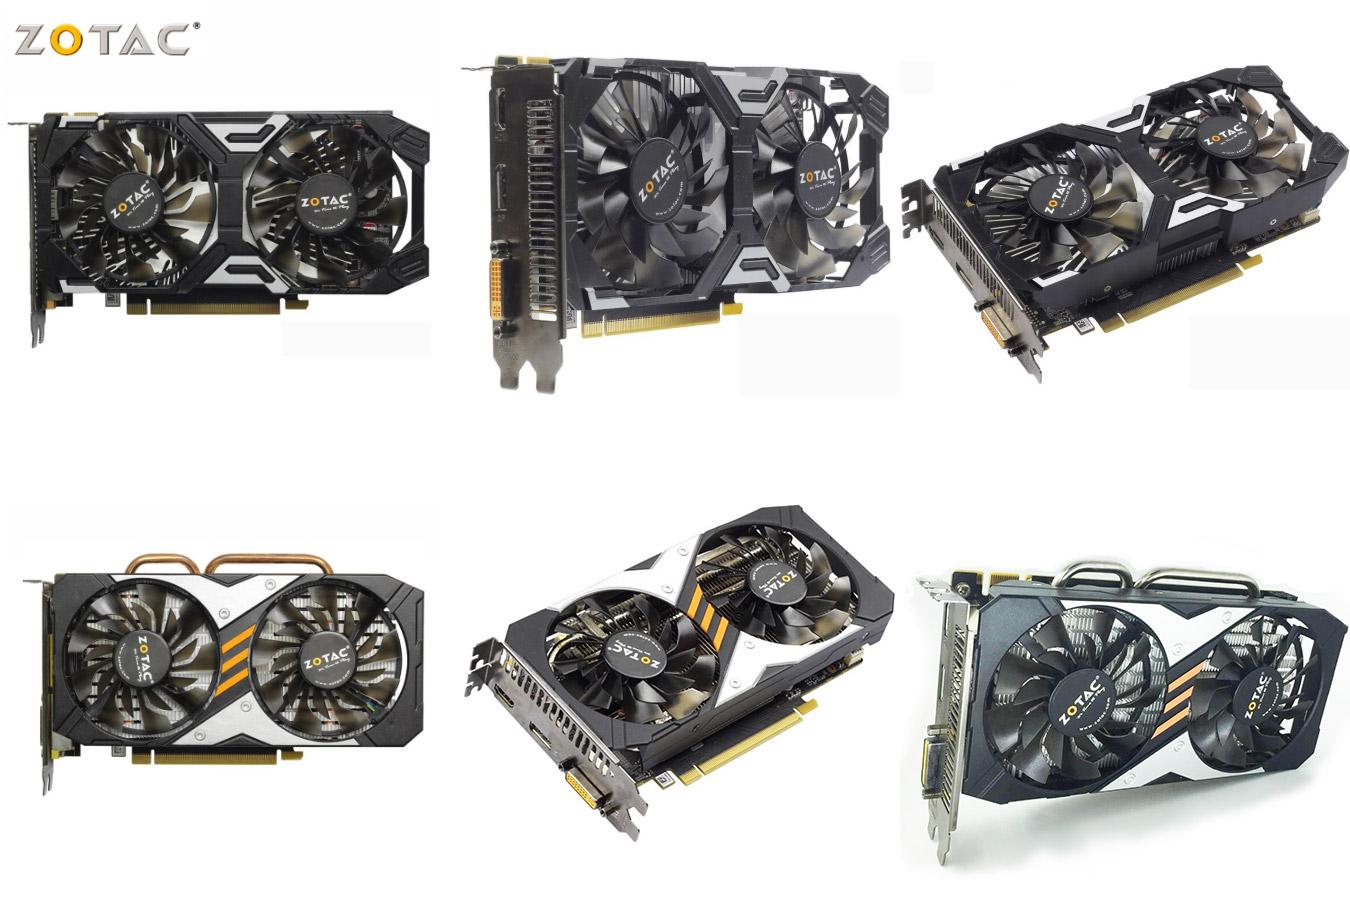 Качественная видеокарта ZOTAC GeForce GTX 950